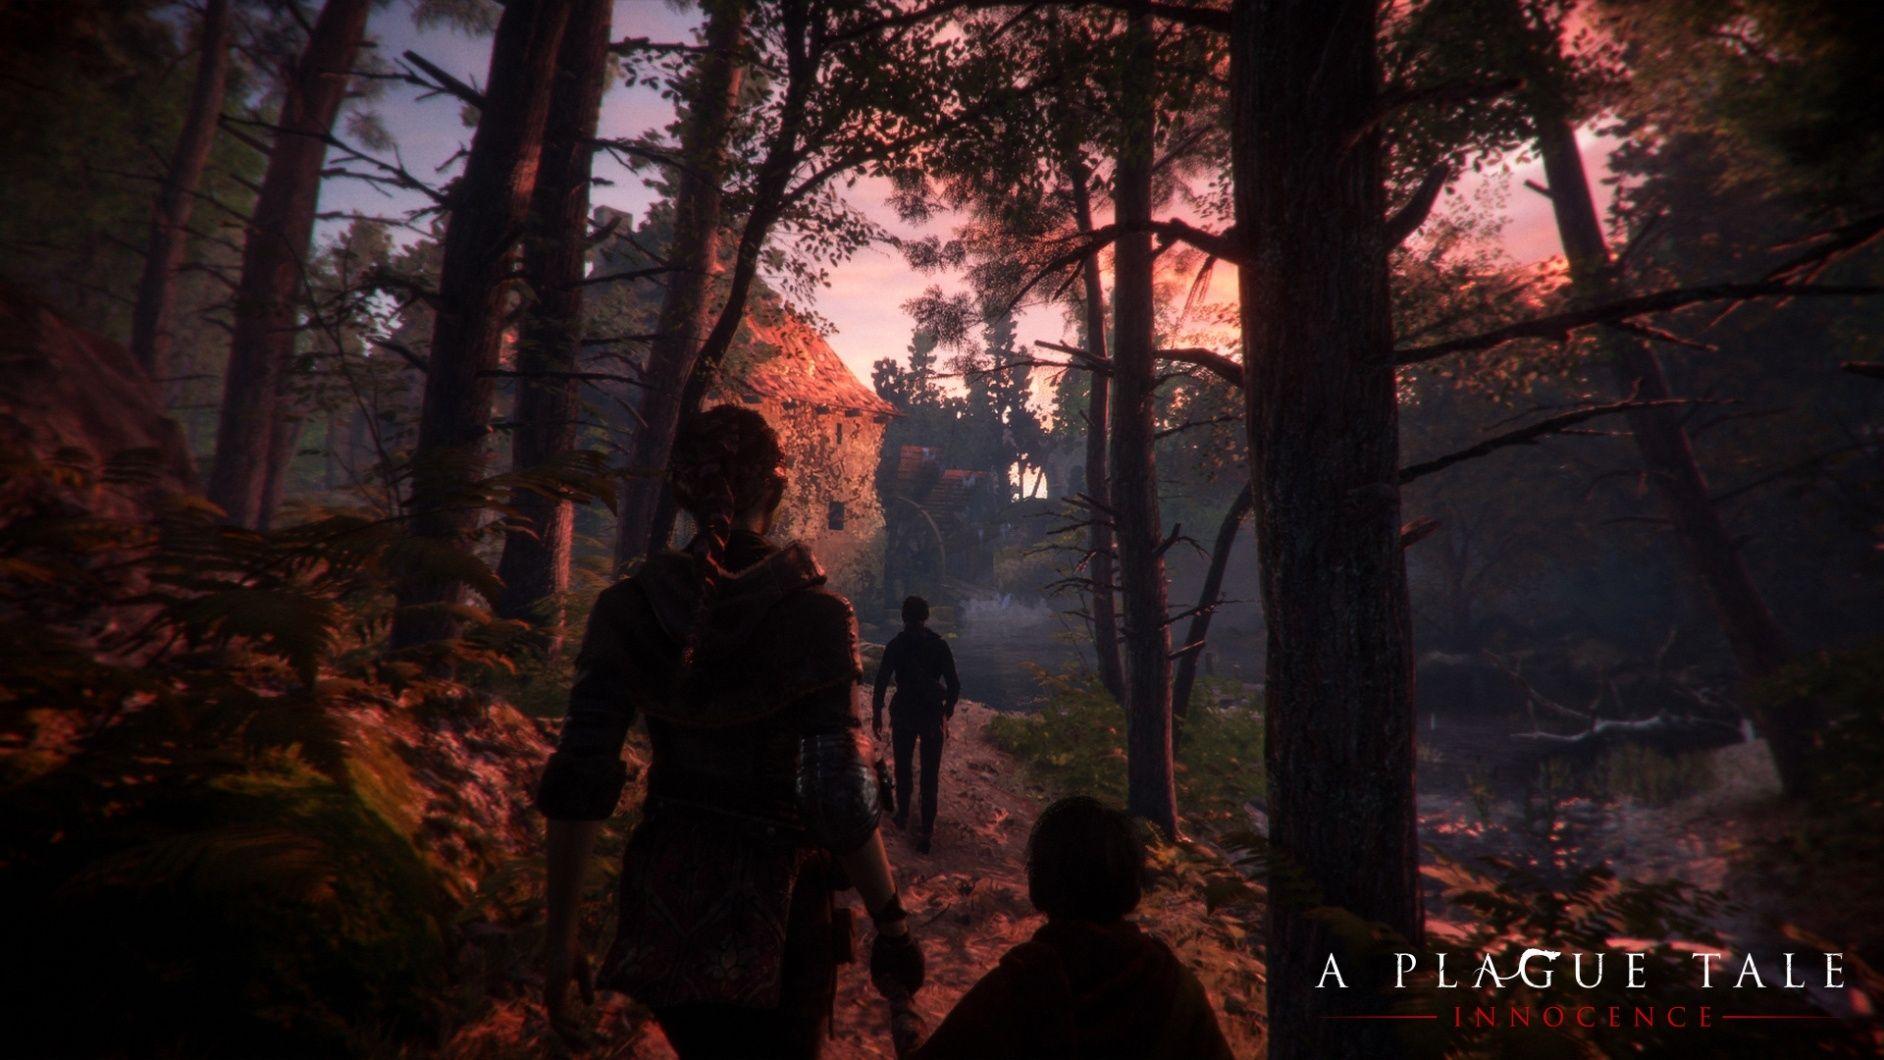 A Plague Tale skog